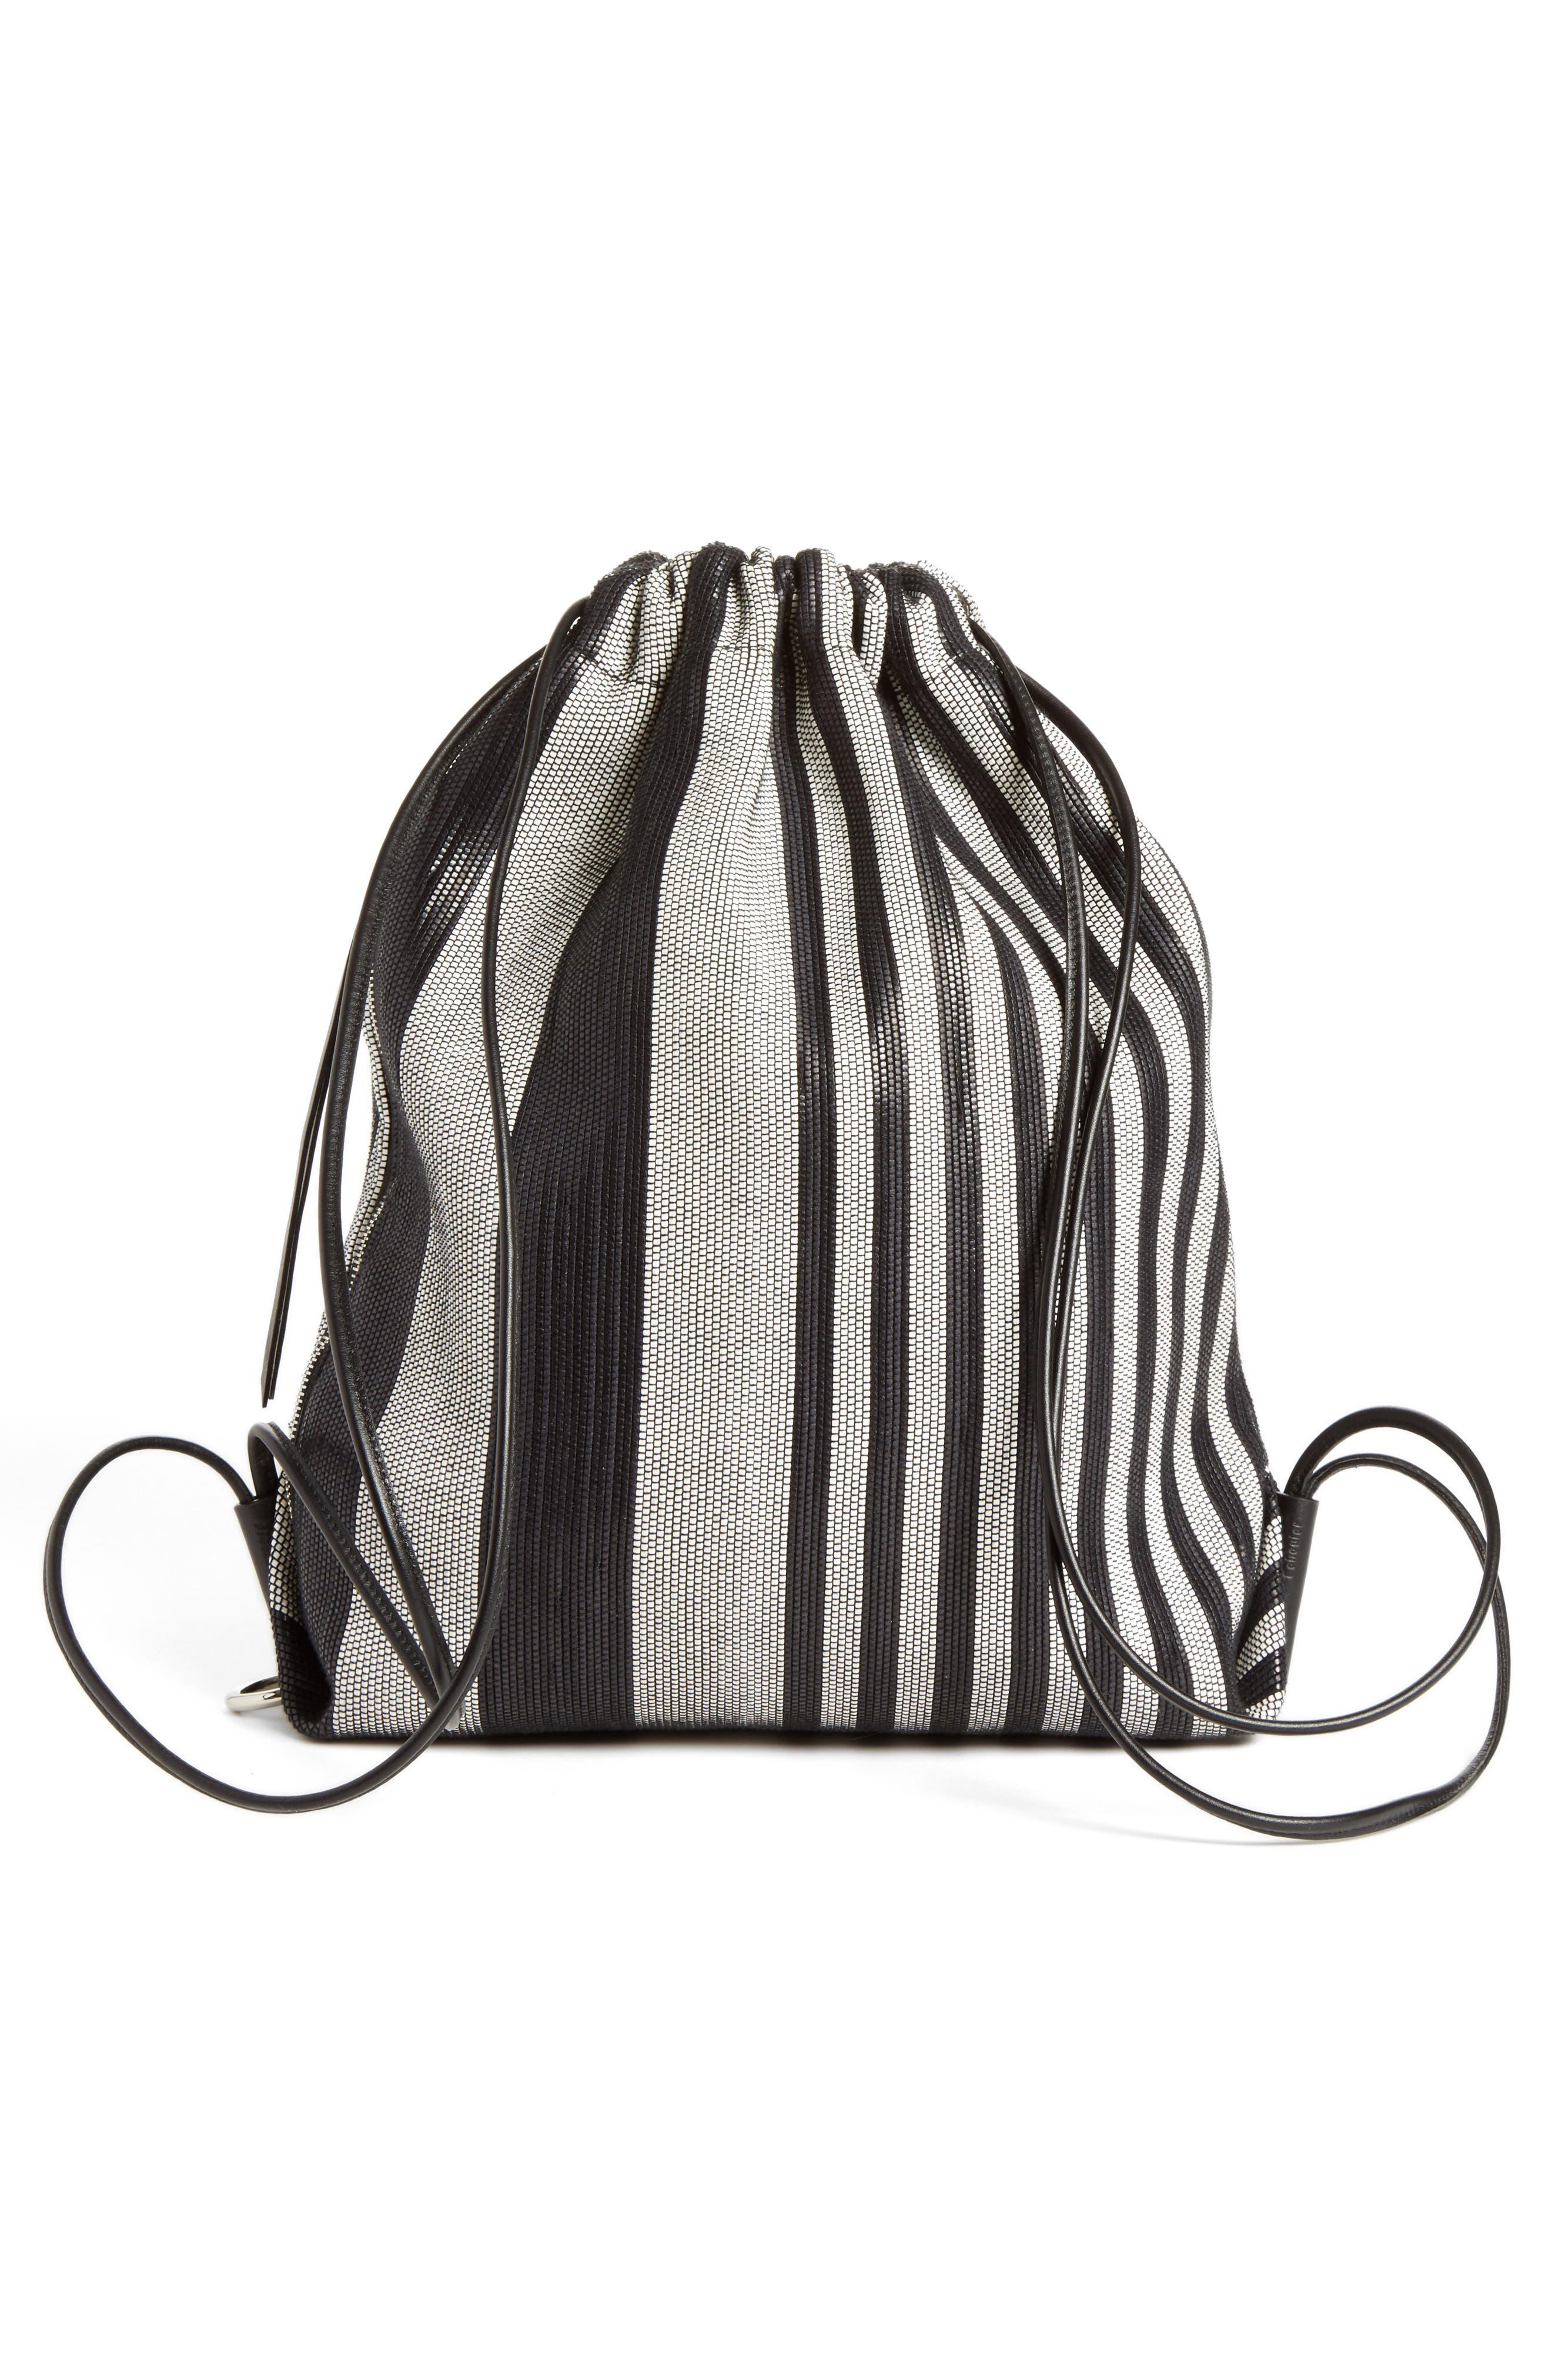 Drawstring Backpack,                             Main thumbnail 1, color,                             001